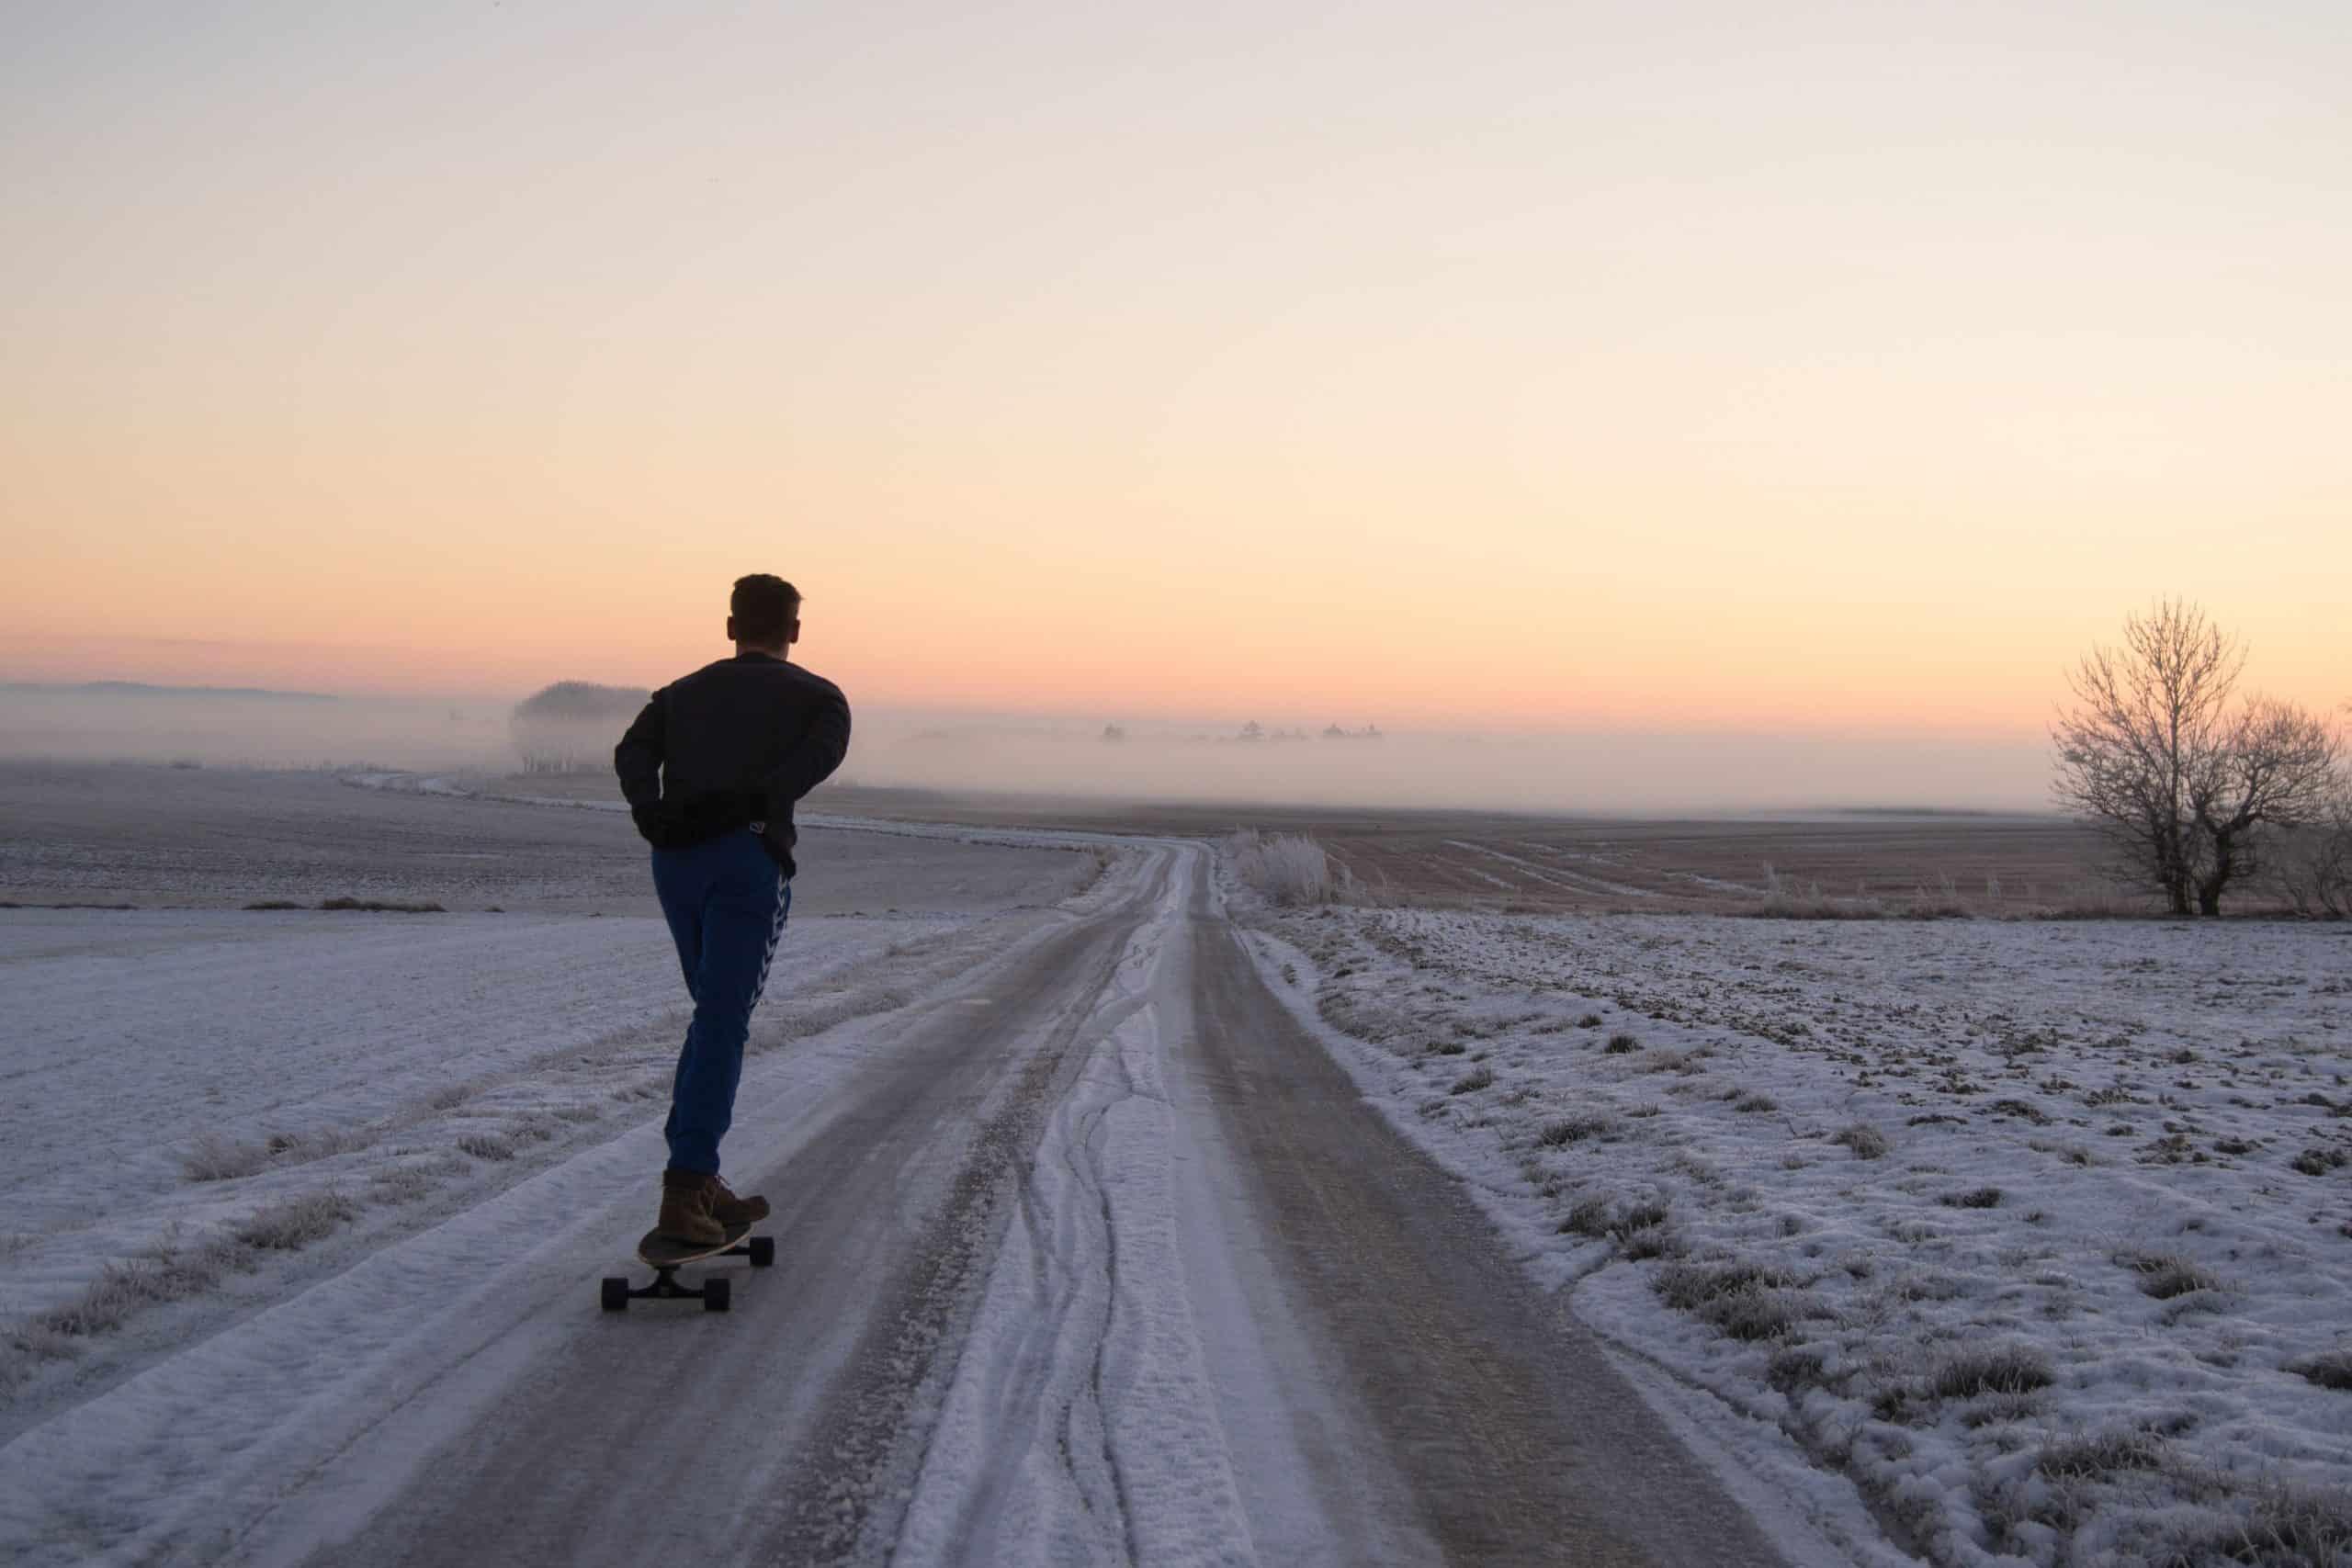 skateboarding in winter